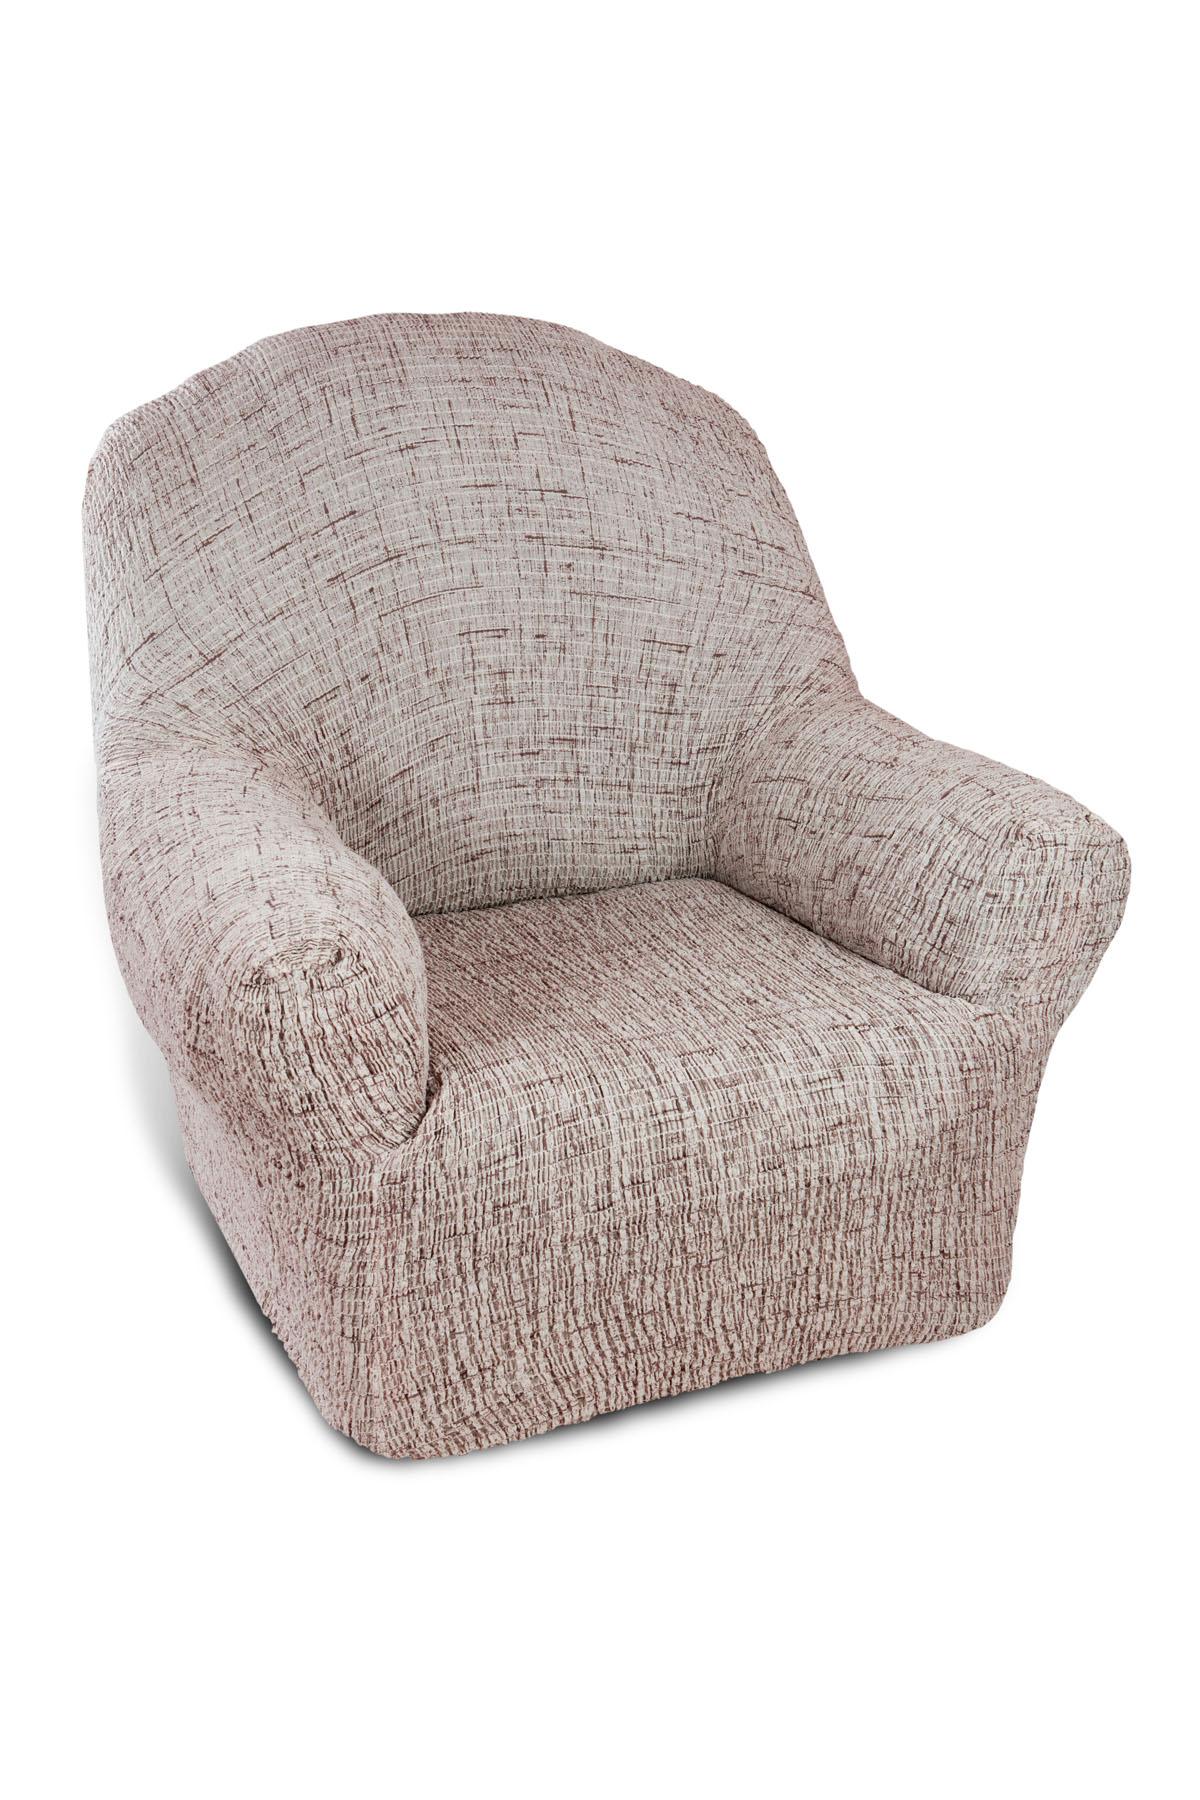 Чехол на кресло Еврочехол Плиссе, цвет: светло-бежевый, коричневый, 60-90 см7/49-1Чехол на кресло Еврочехол Плиссе выполнен из 50% хлопка и 50% полиэстера. Такой состав ткани гипоаллергенен, а потому безопасен для малышей или людей пожилого возраста. Такой чехол защитит вашу мебель от повседневных воздействий. Дизайн чехла отлично впишется в интерьер, выполненный из натуральных материалов. Приятный оттенок придаст ощущение свежести и единения с природой. Чехол Плиссе - отличный вариант для мебели в гостиной, кухне, спальне, детской или прихожей! Интерьер в стиле эко, кантри, фьюжн, хай-тек, скандинавских мотивов и других. Утонченный итальянский дизайн чехла отлично впишется в городские и загородные дома. Гарантированное итальянское качество производства обеспечит долгое пользование.Растяжимость чехла по спинке (без учета подлокотников): 60-90 см.